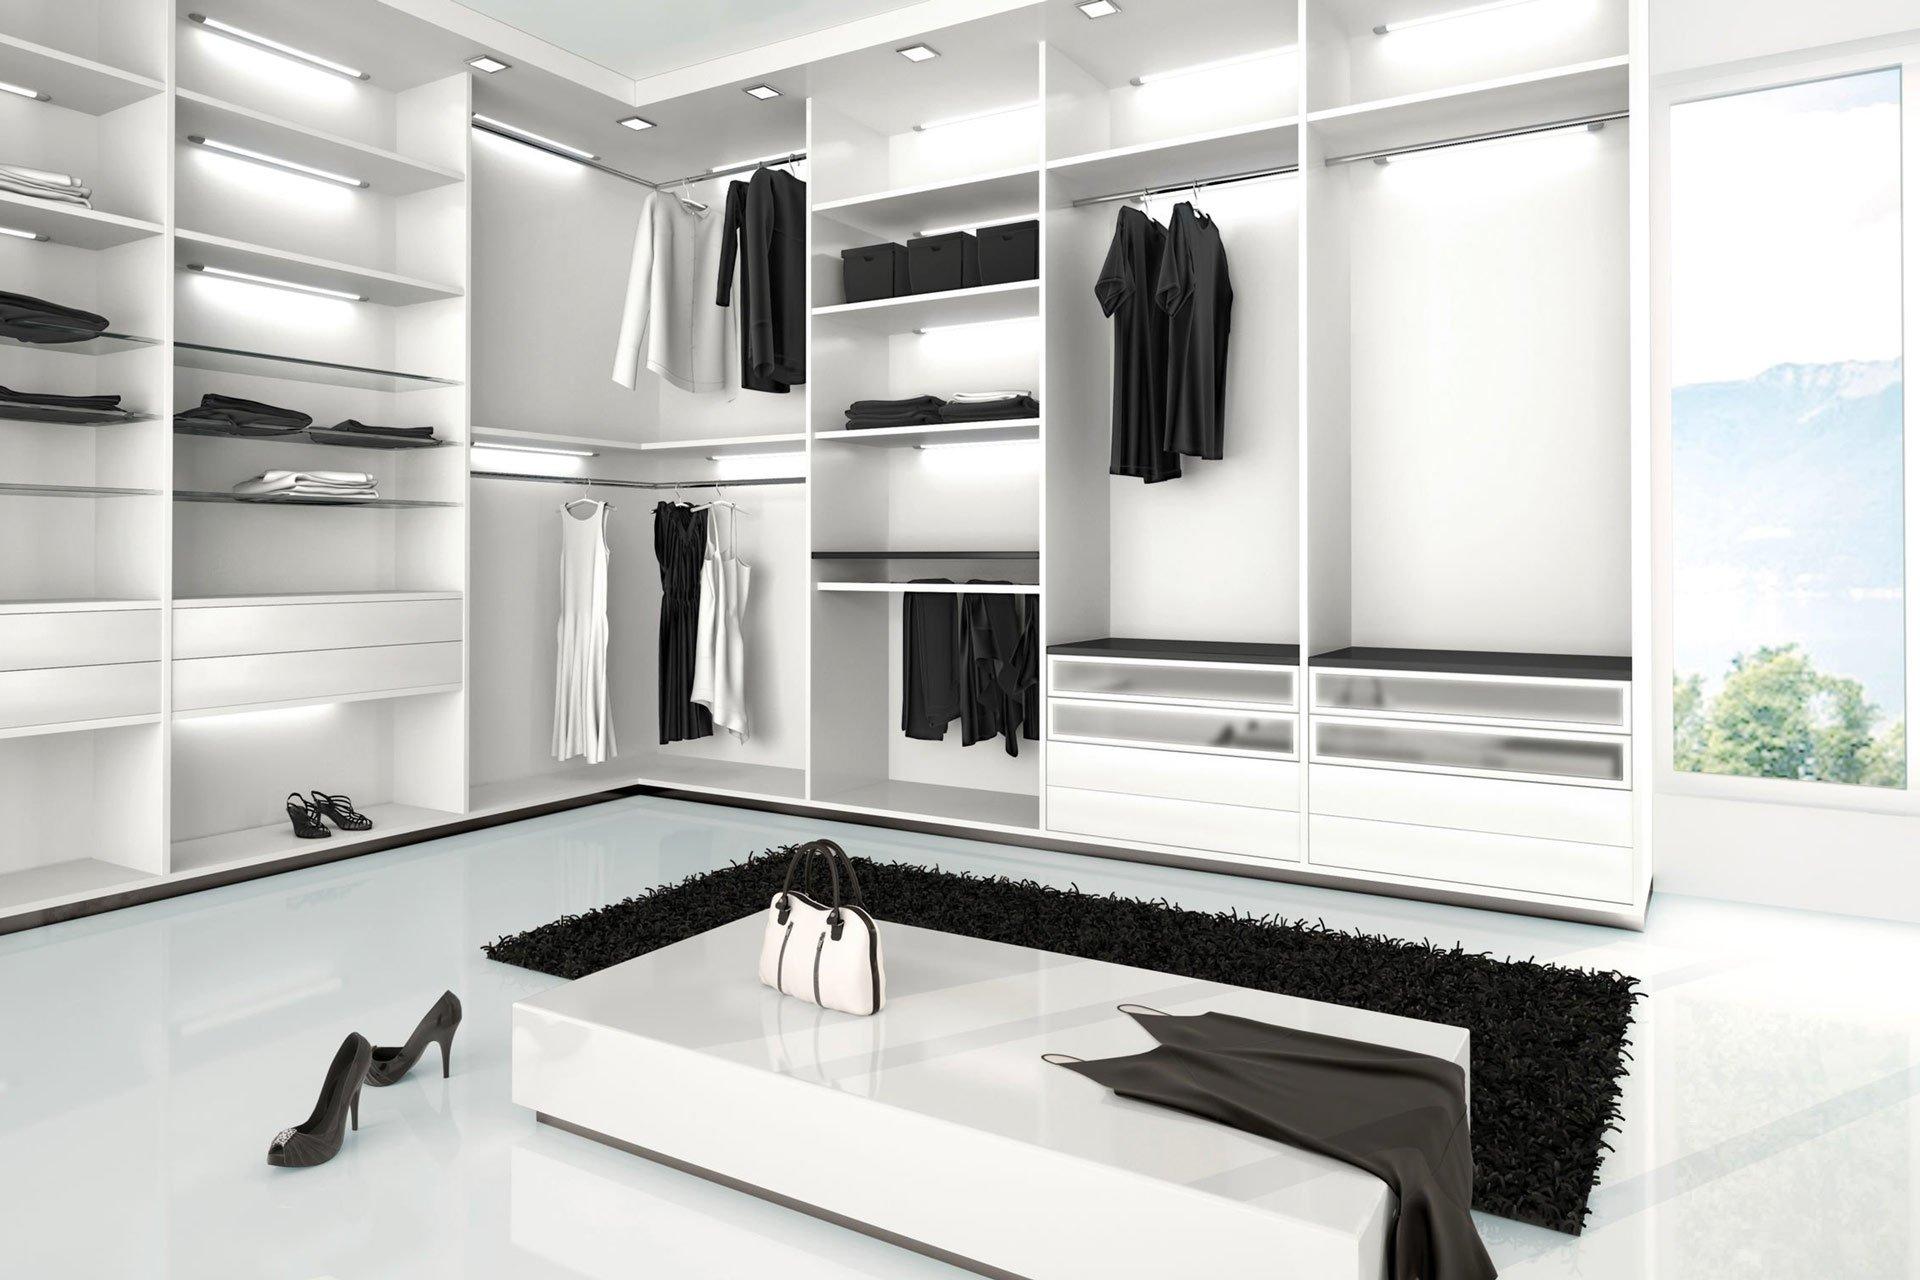 Cabina armadio su misura servizi di progettazione e realizzazione mobili su misura | Rivolta